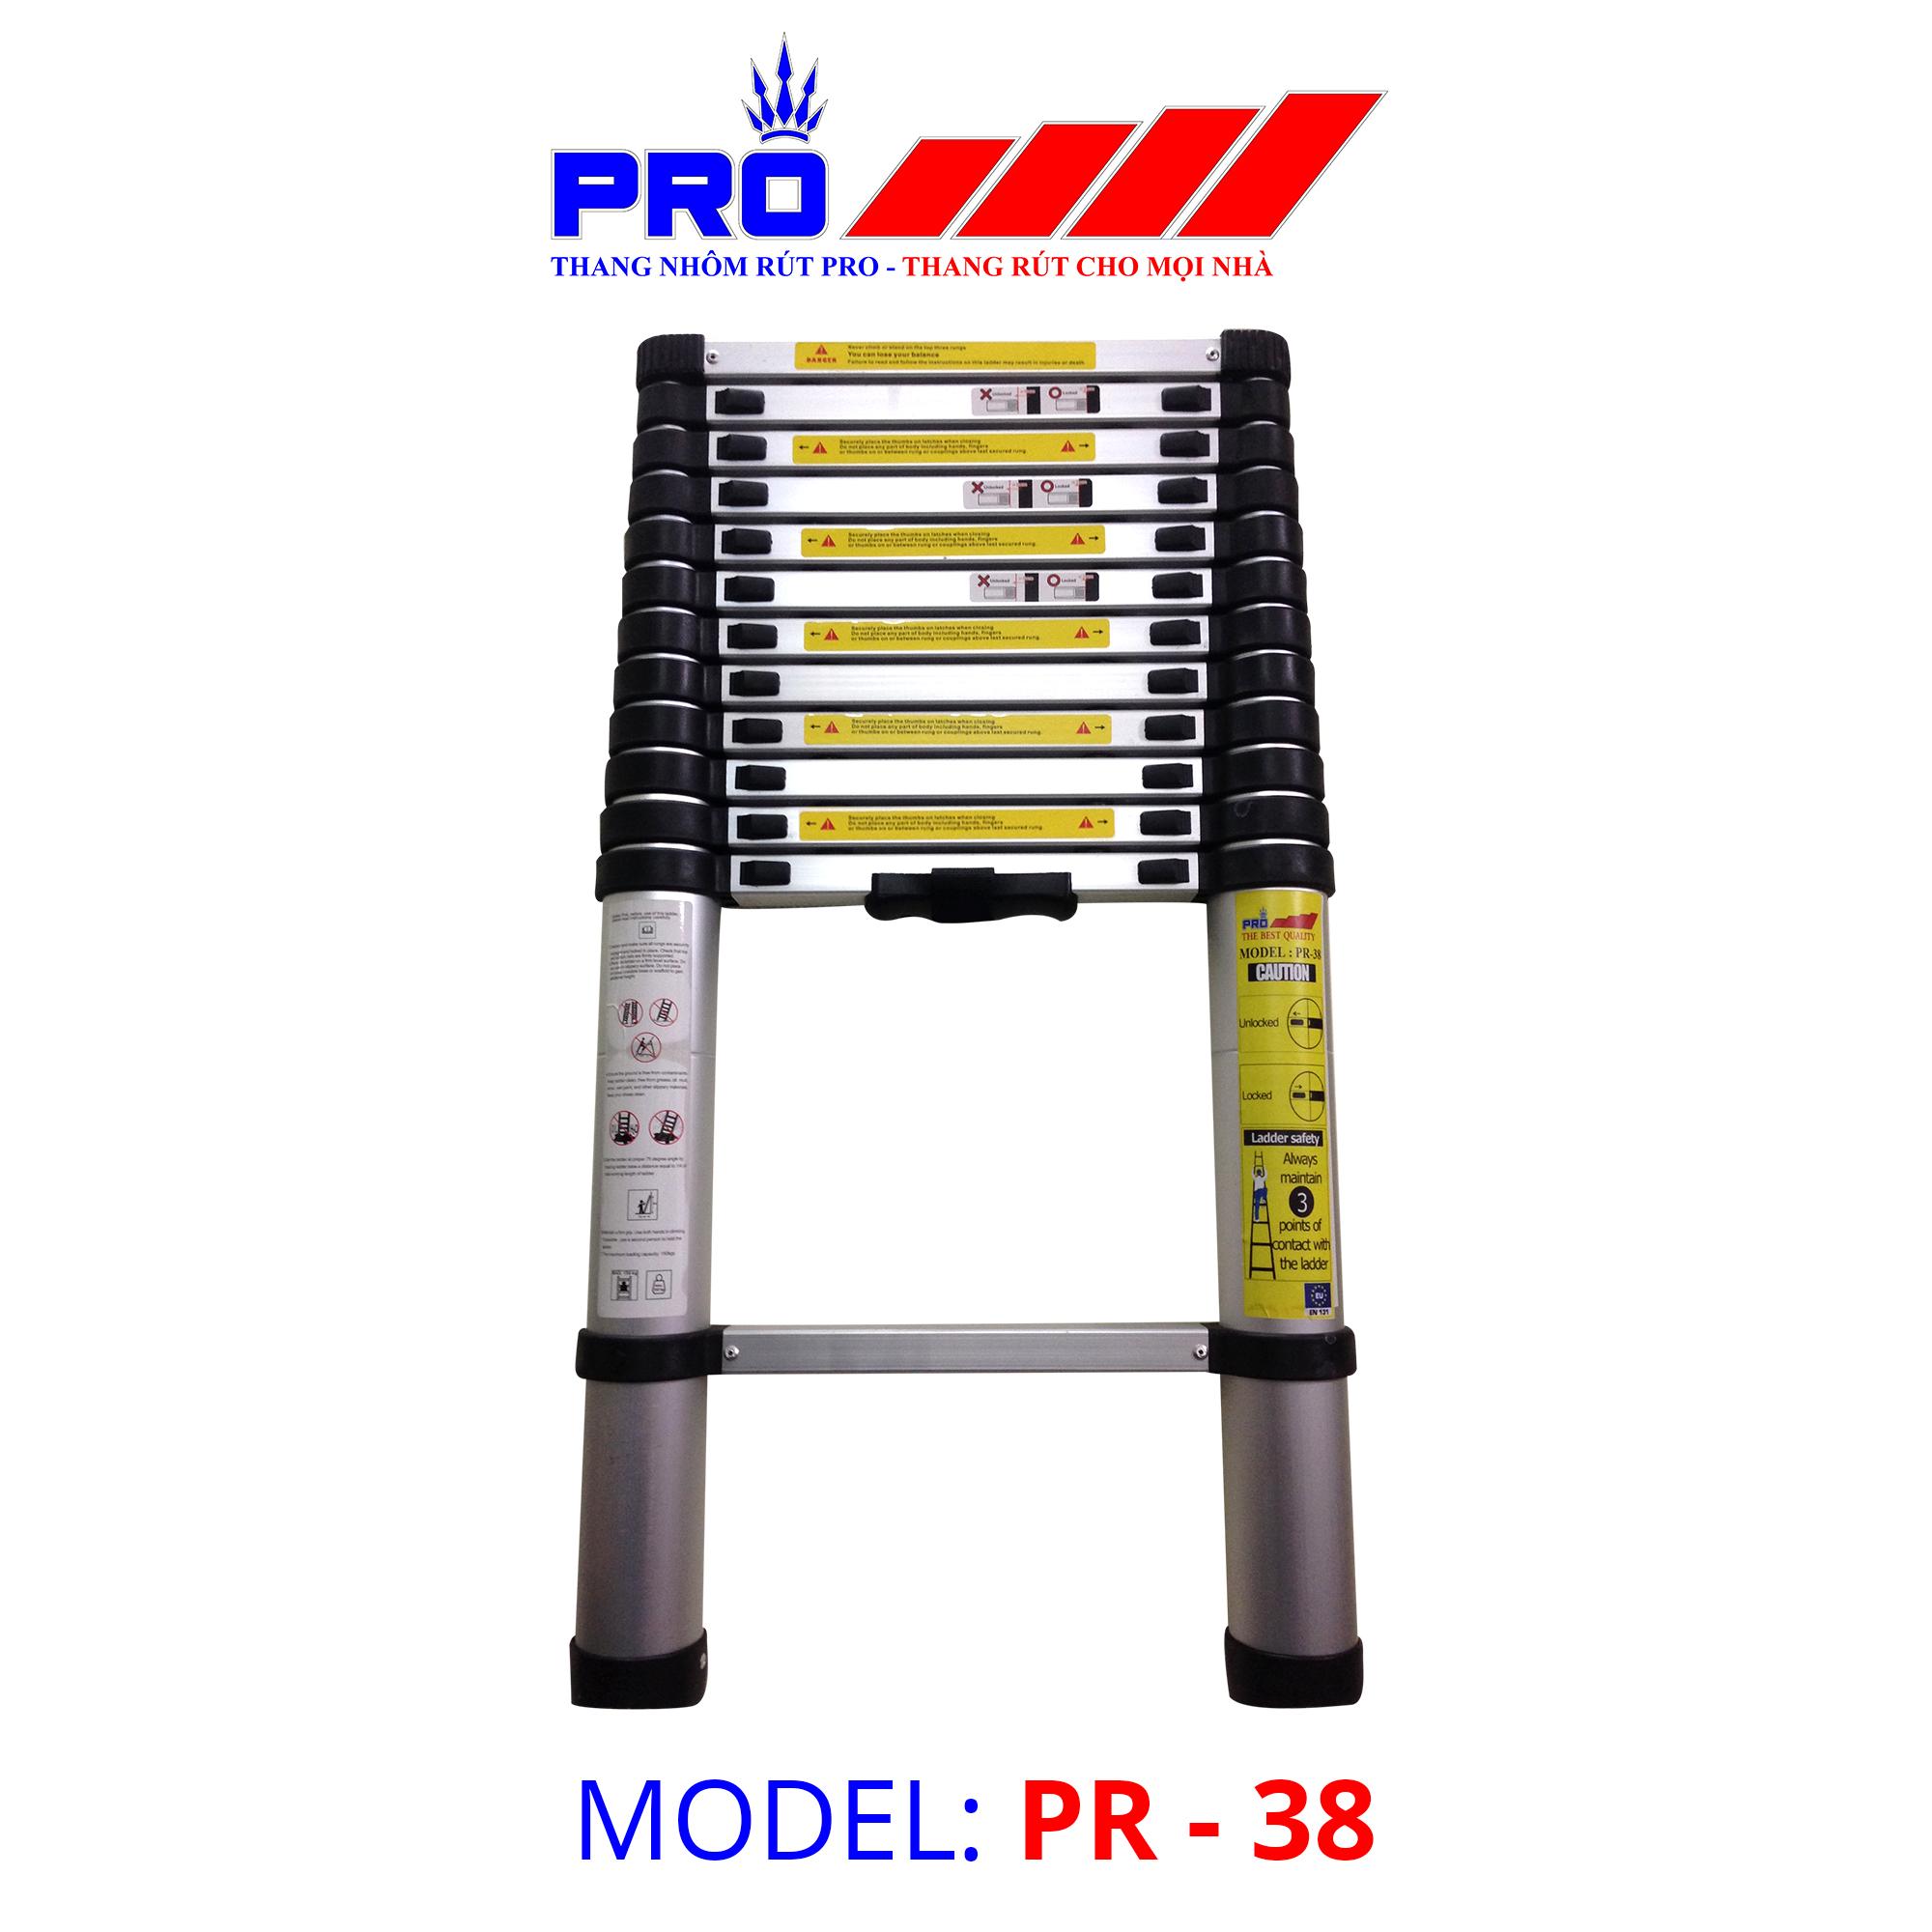 Thang nhôm PRO PR-38